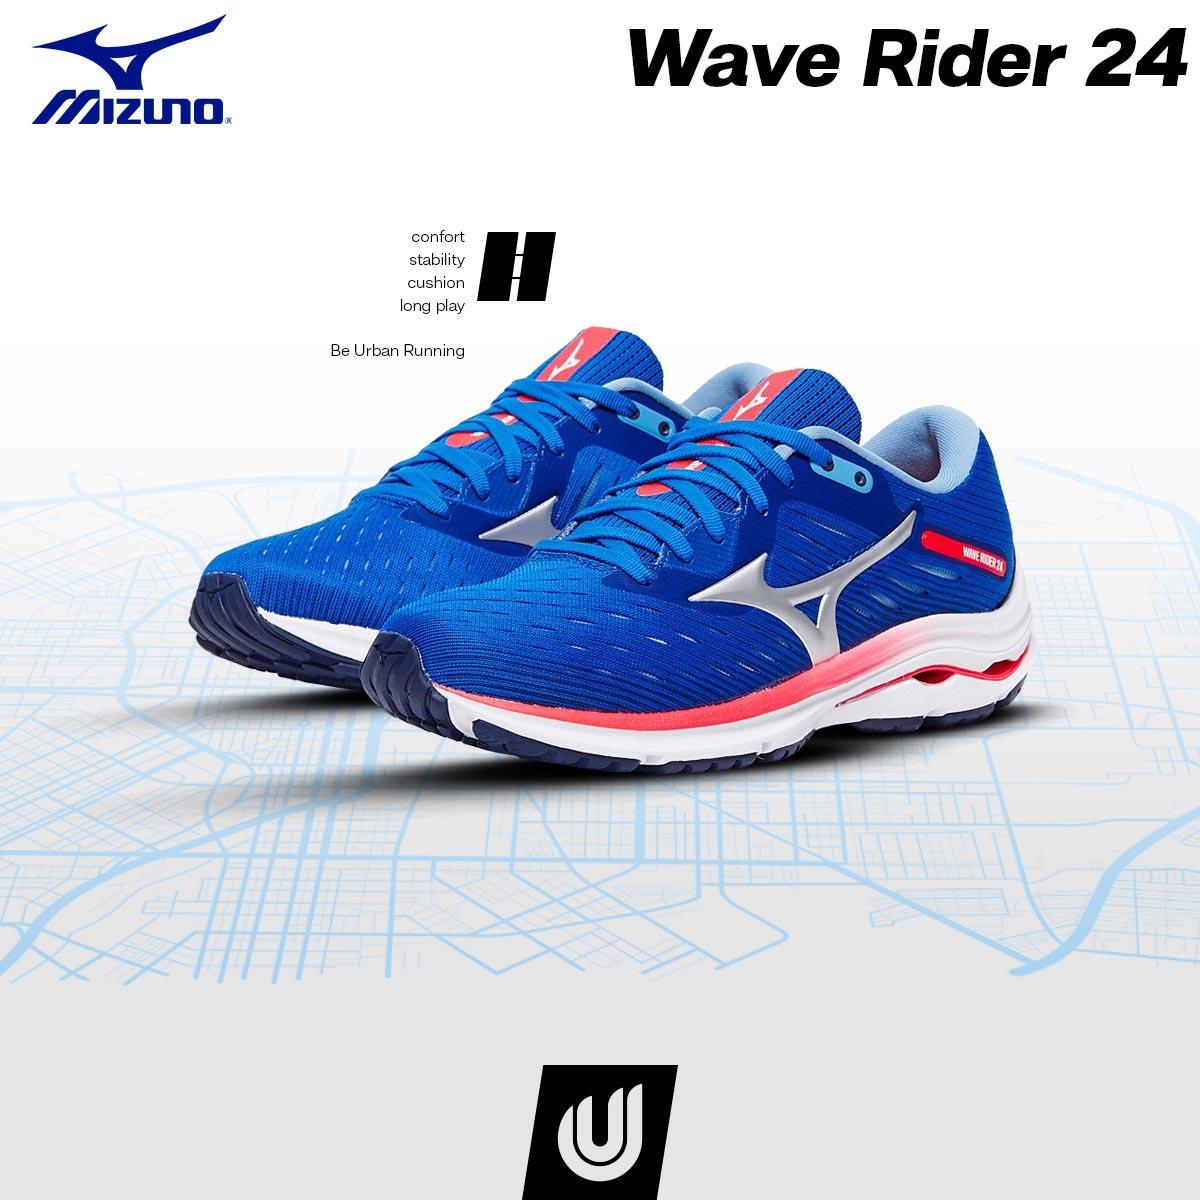 Si buscas unas zapatillas de entrenamientos para hacer kilómetros y kilómetros, las 👟Mizuno Wave Rider 24👟 son tu modelo. #BeUrbanRunning #BeMore #TuTiendaEspecialista #Run #Running #Mizuno #ZapatillasRunning #Entrenamiento https://t.co/R6Re11mJ5m